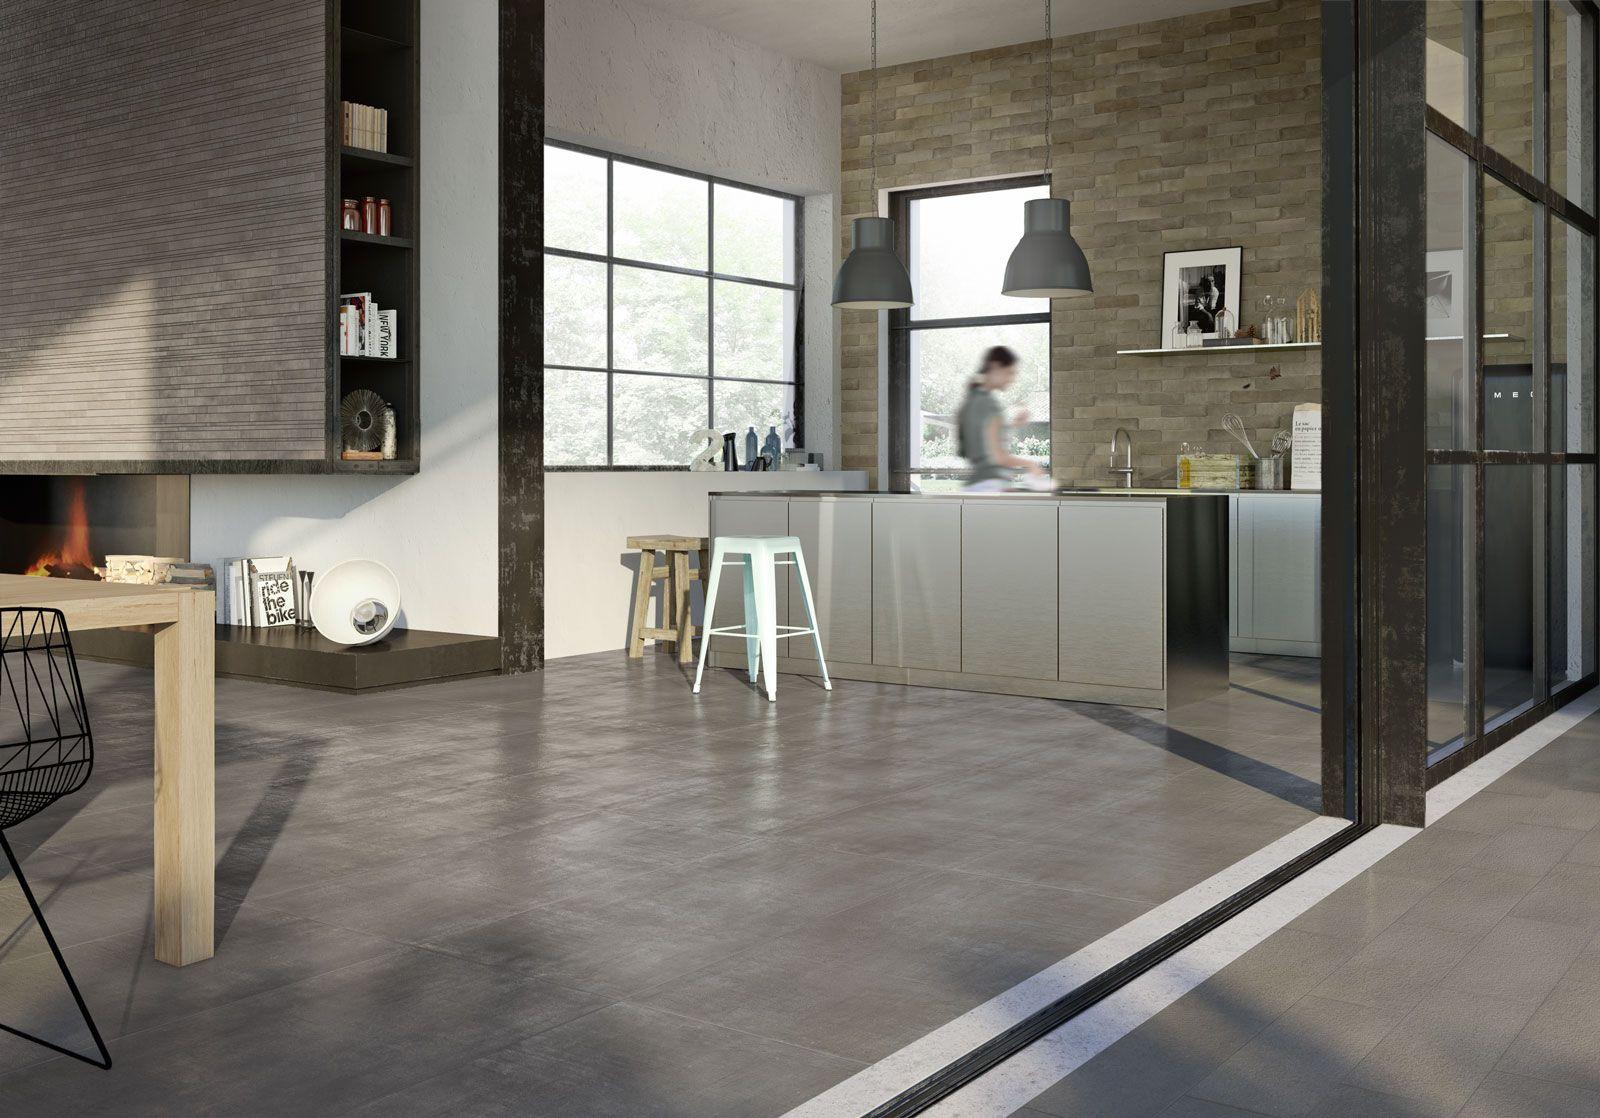 Fliesen für den Innenbereich: Gestaltungsideen mit Keramik und ...